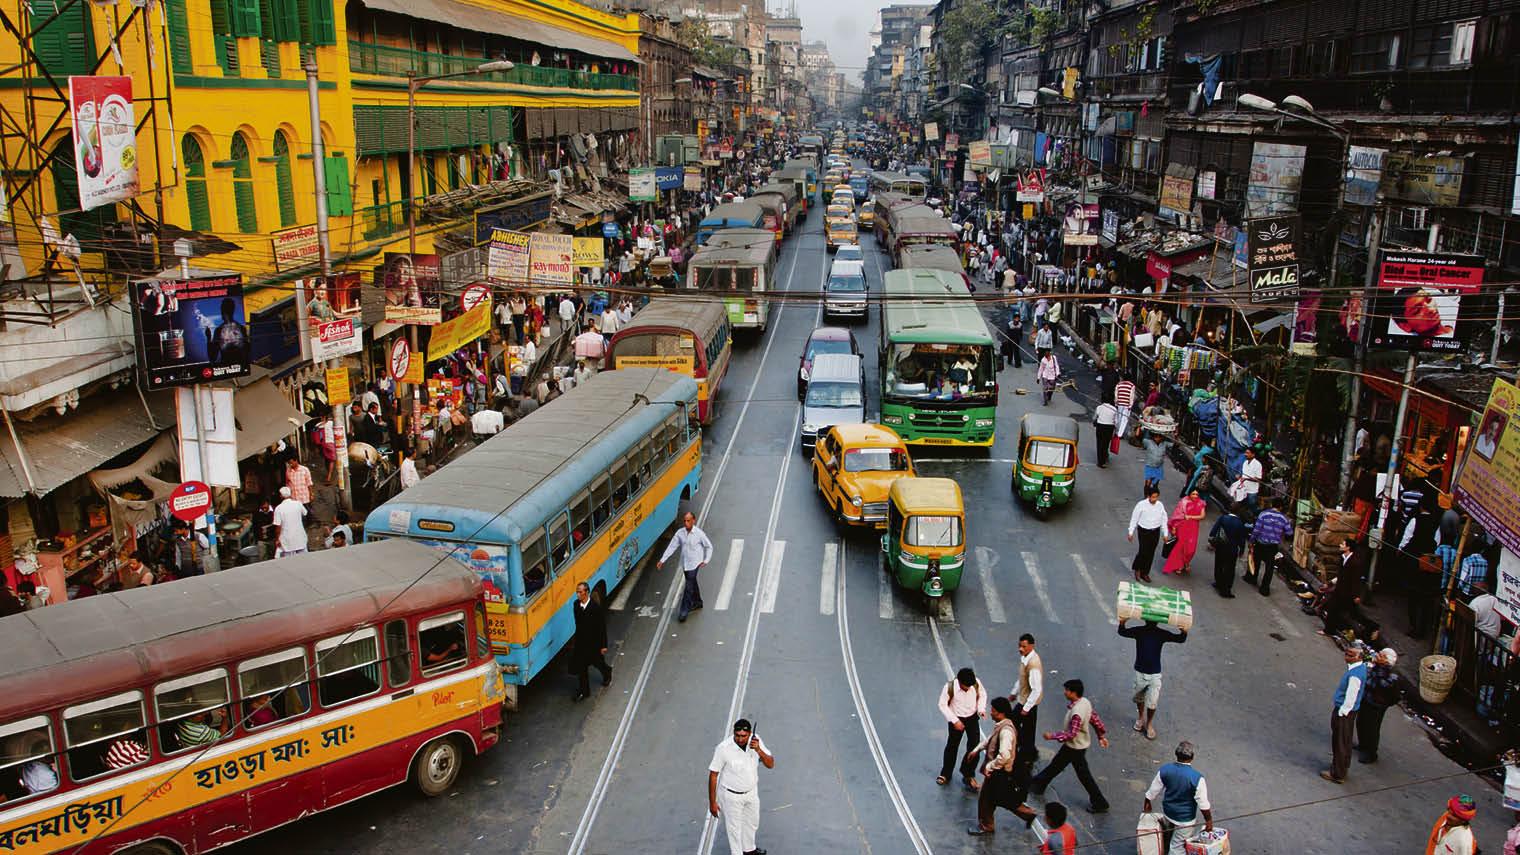 India cities